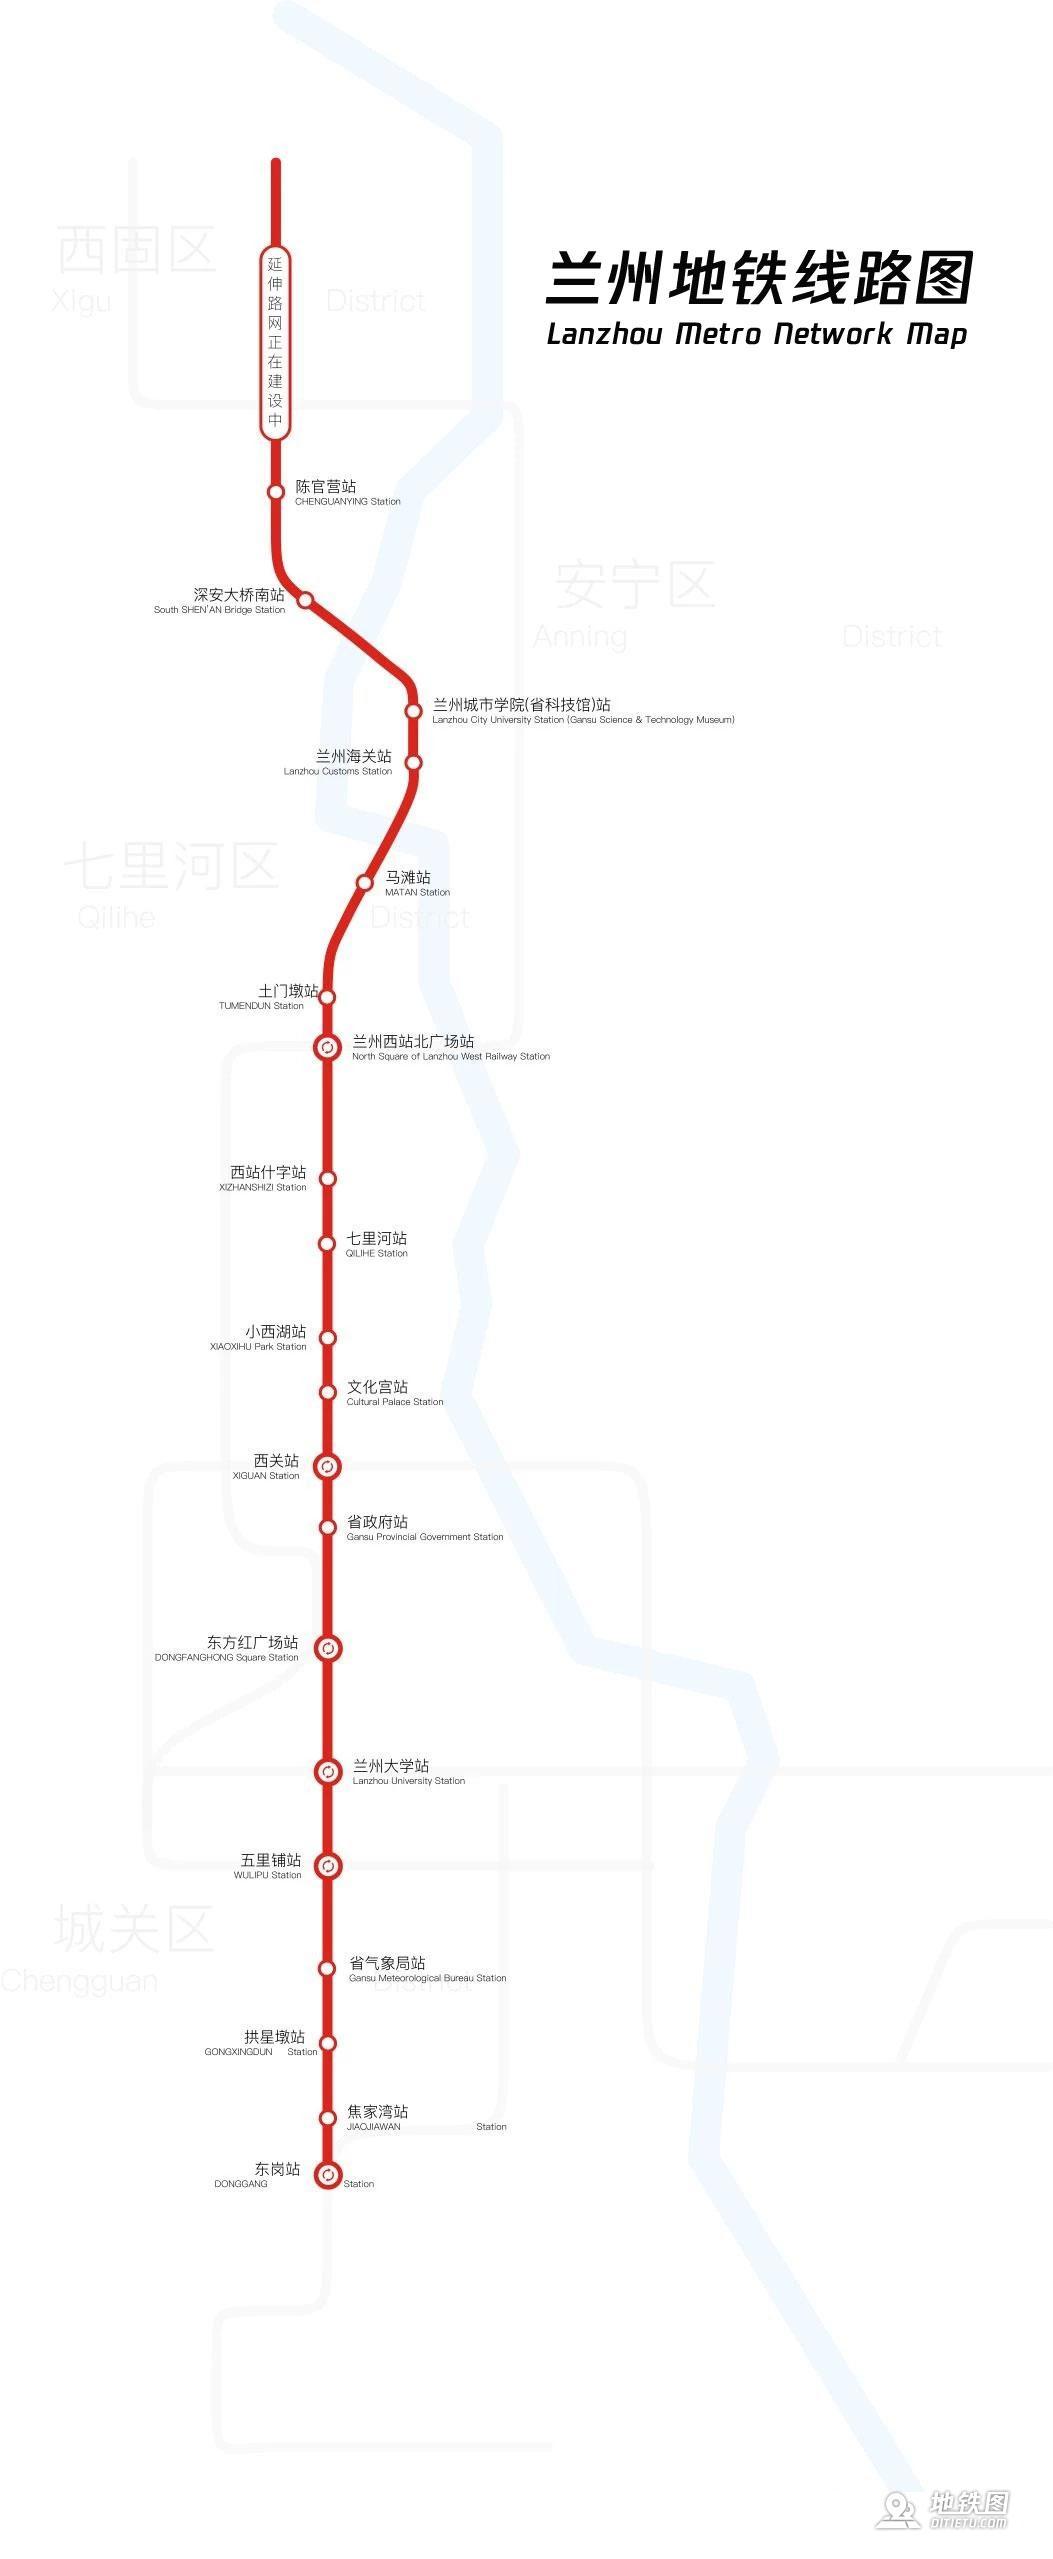 兰州地铁线路图 运营时间票价站点 查询下载 兰州地铁查询 兰州地铁线路图 兰州地铁票价 兰州地铁运营时间 兰州地铁 兰州地铁线路图  第1张